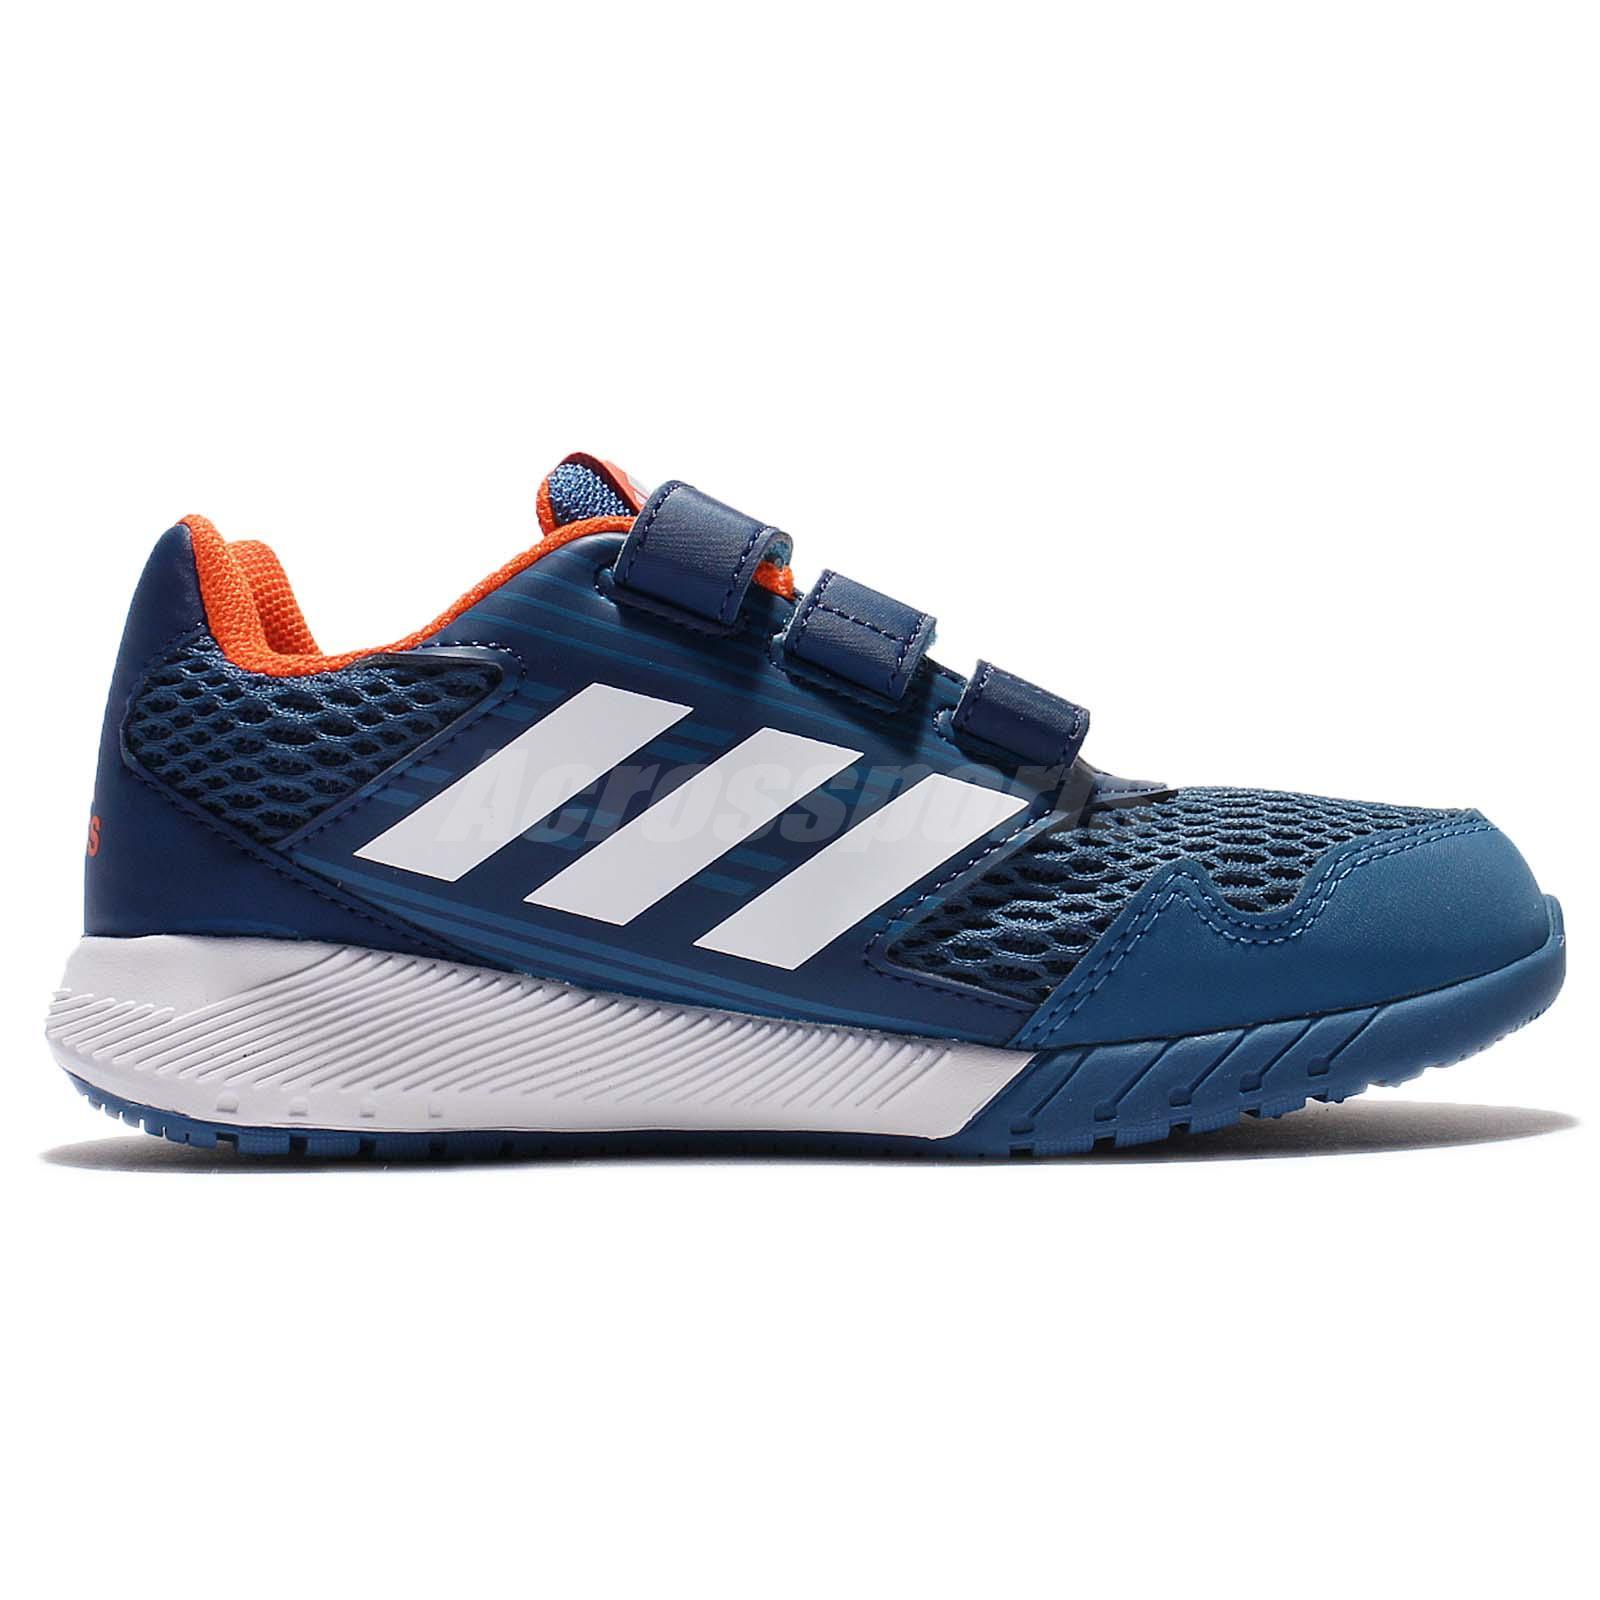 Comprar zapatillas Comprar adidas zapatillas para niños niños niñas> OFF46% Descuento d613513 - immunitetfolie.website